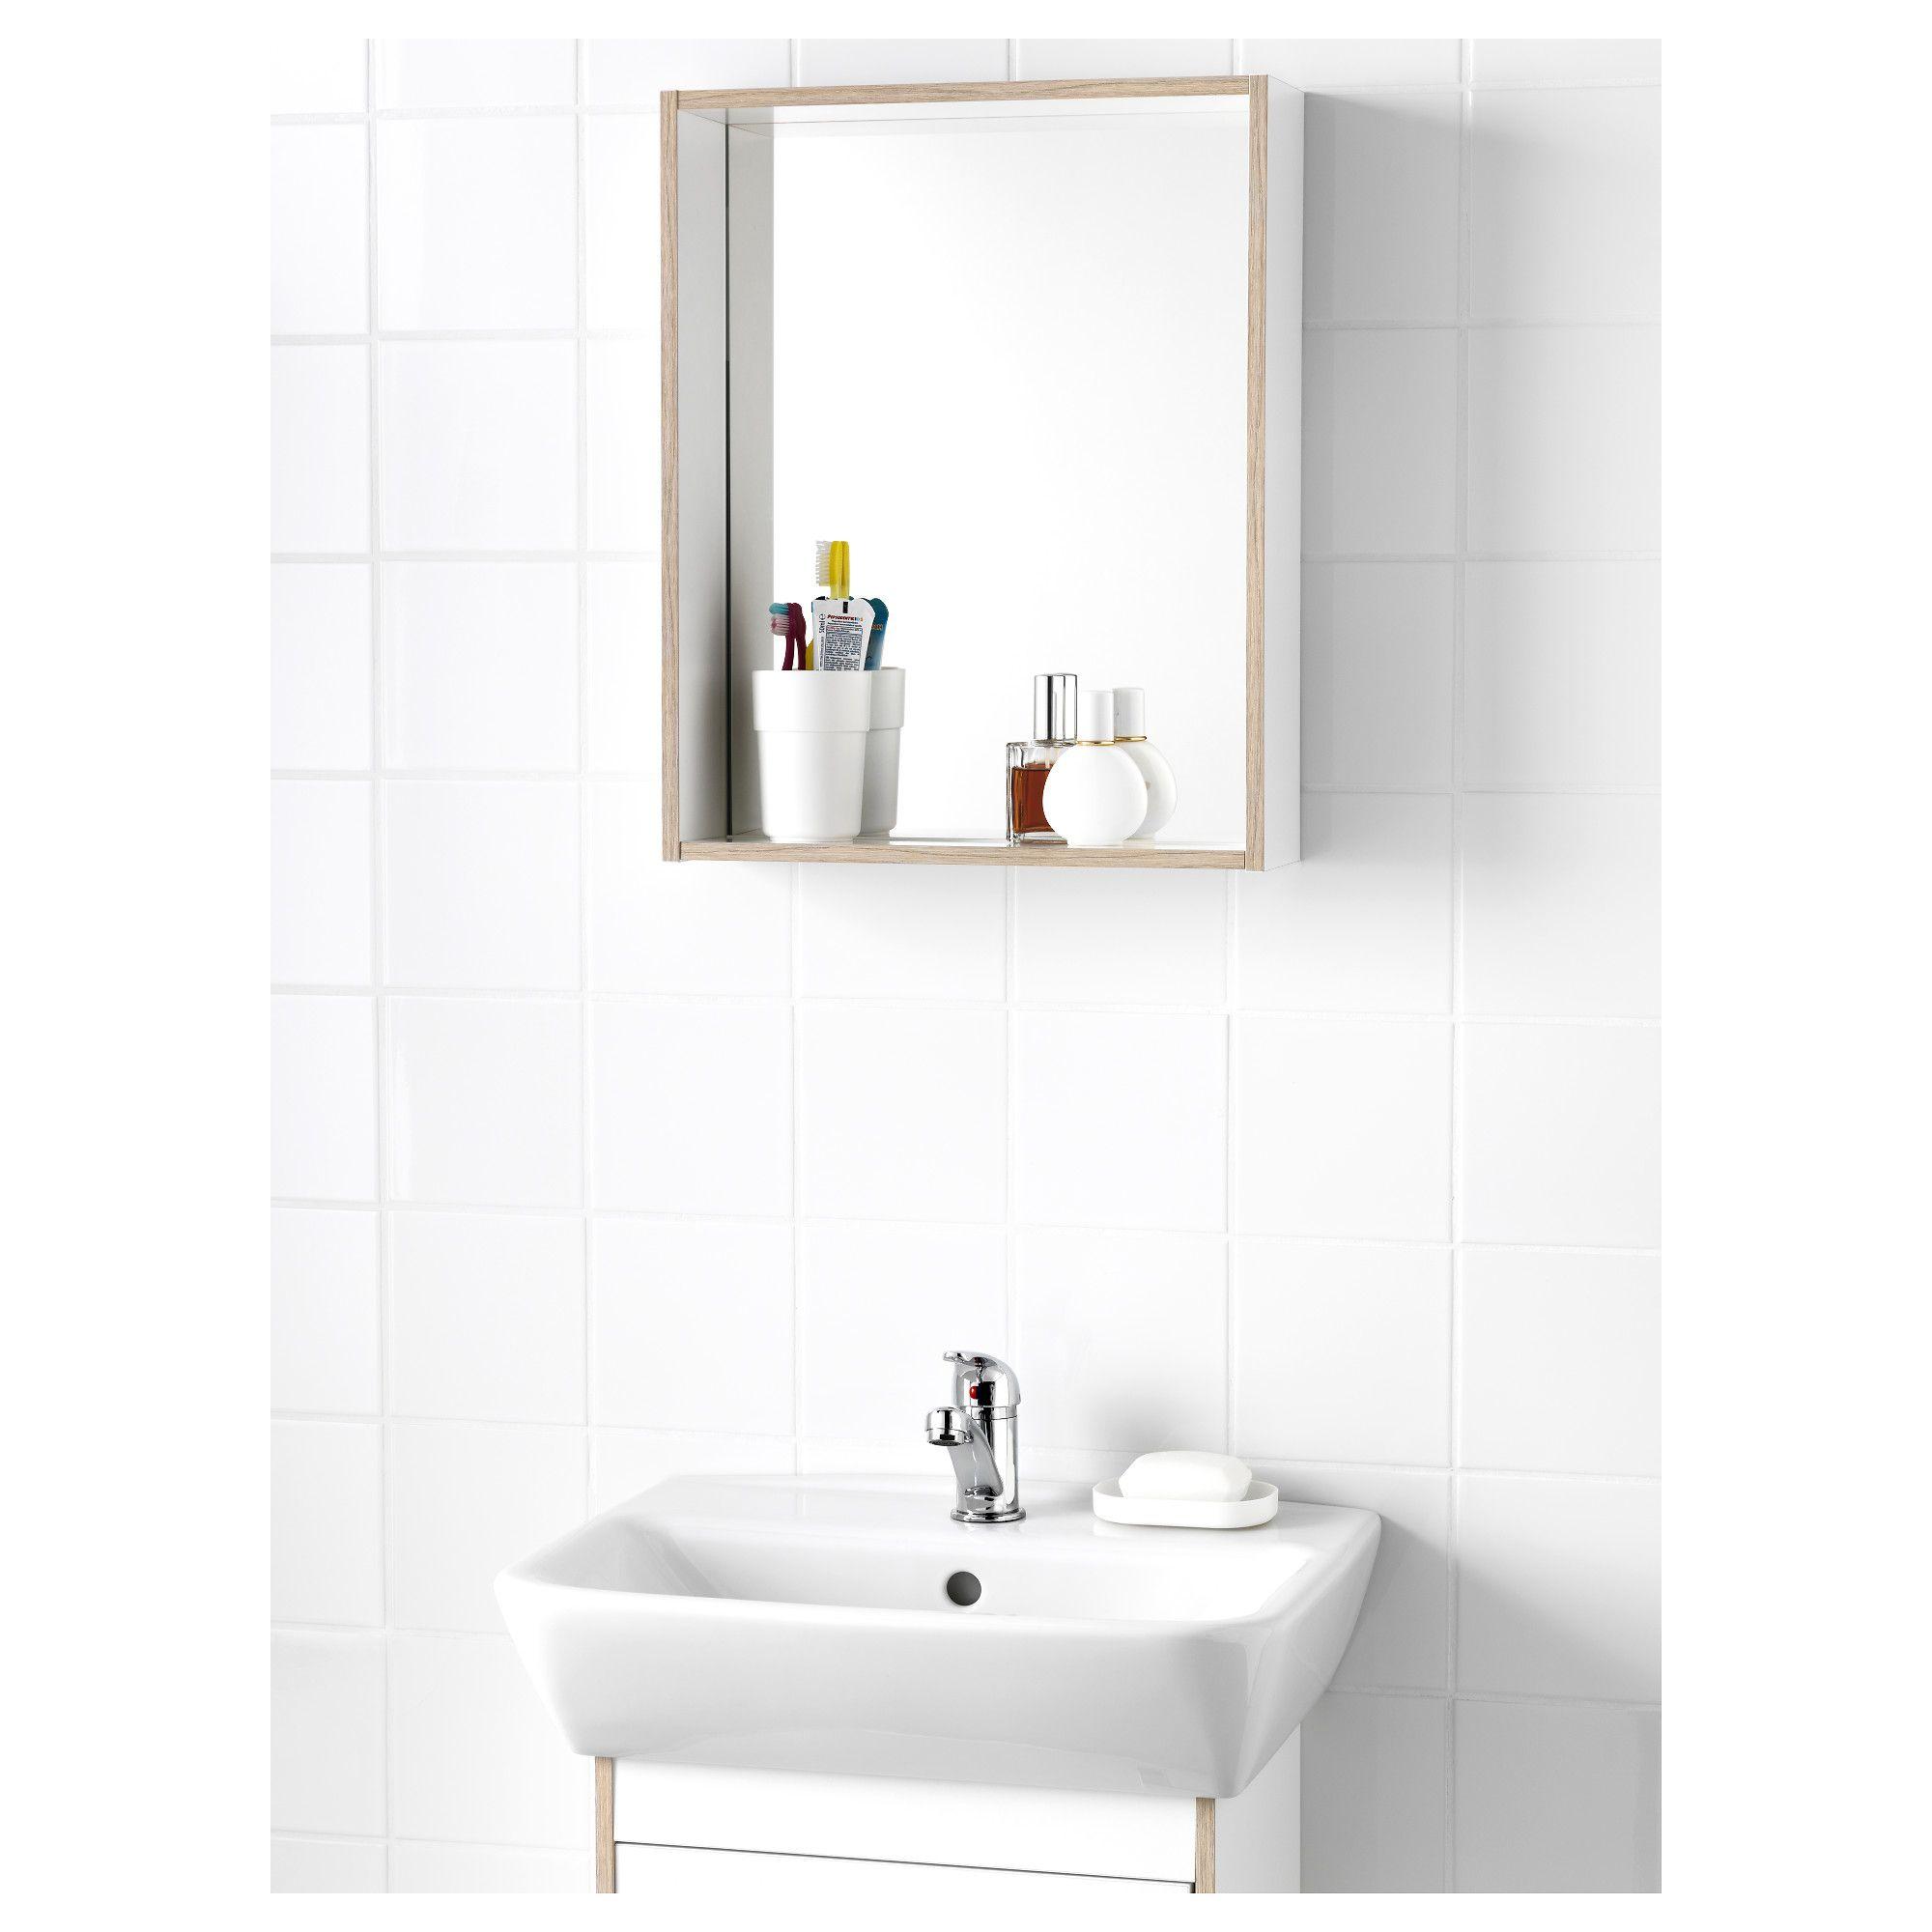 Tyngen Ogledalo S Raft Ikea Ikea Bathroom Mirror Mirror With